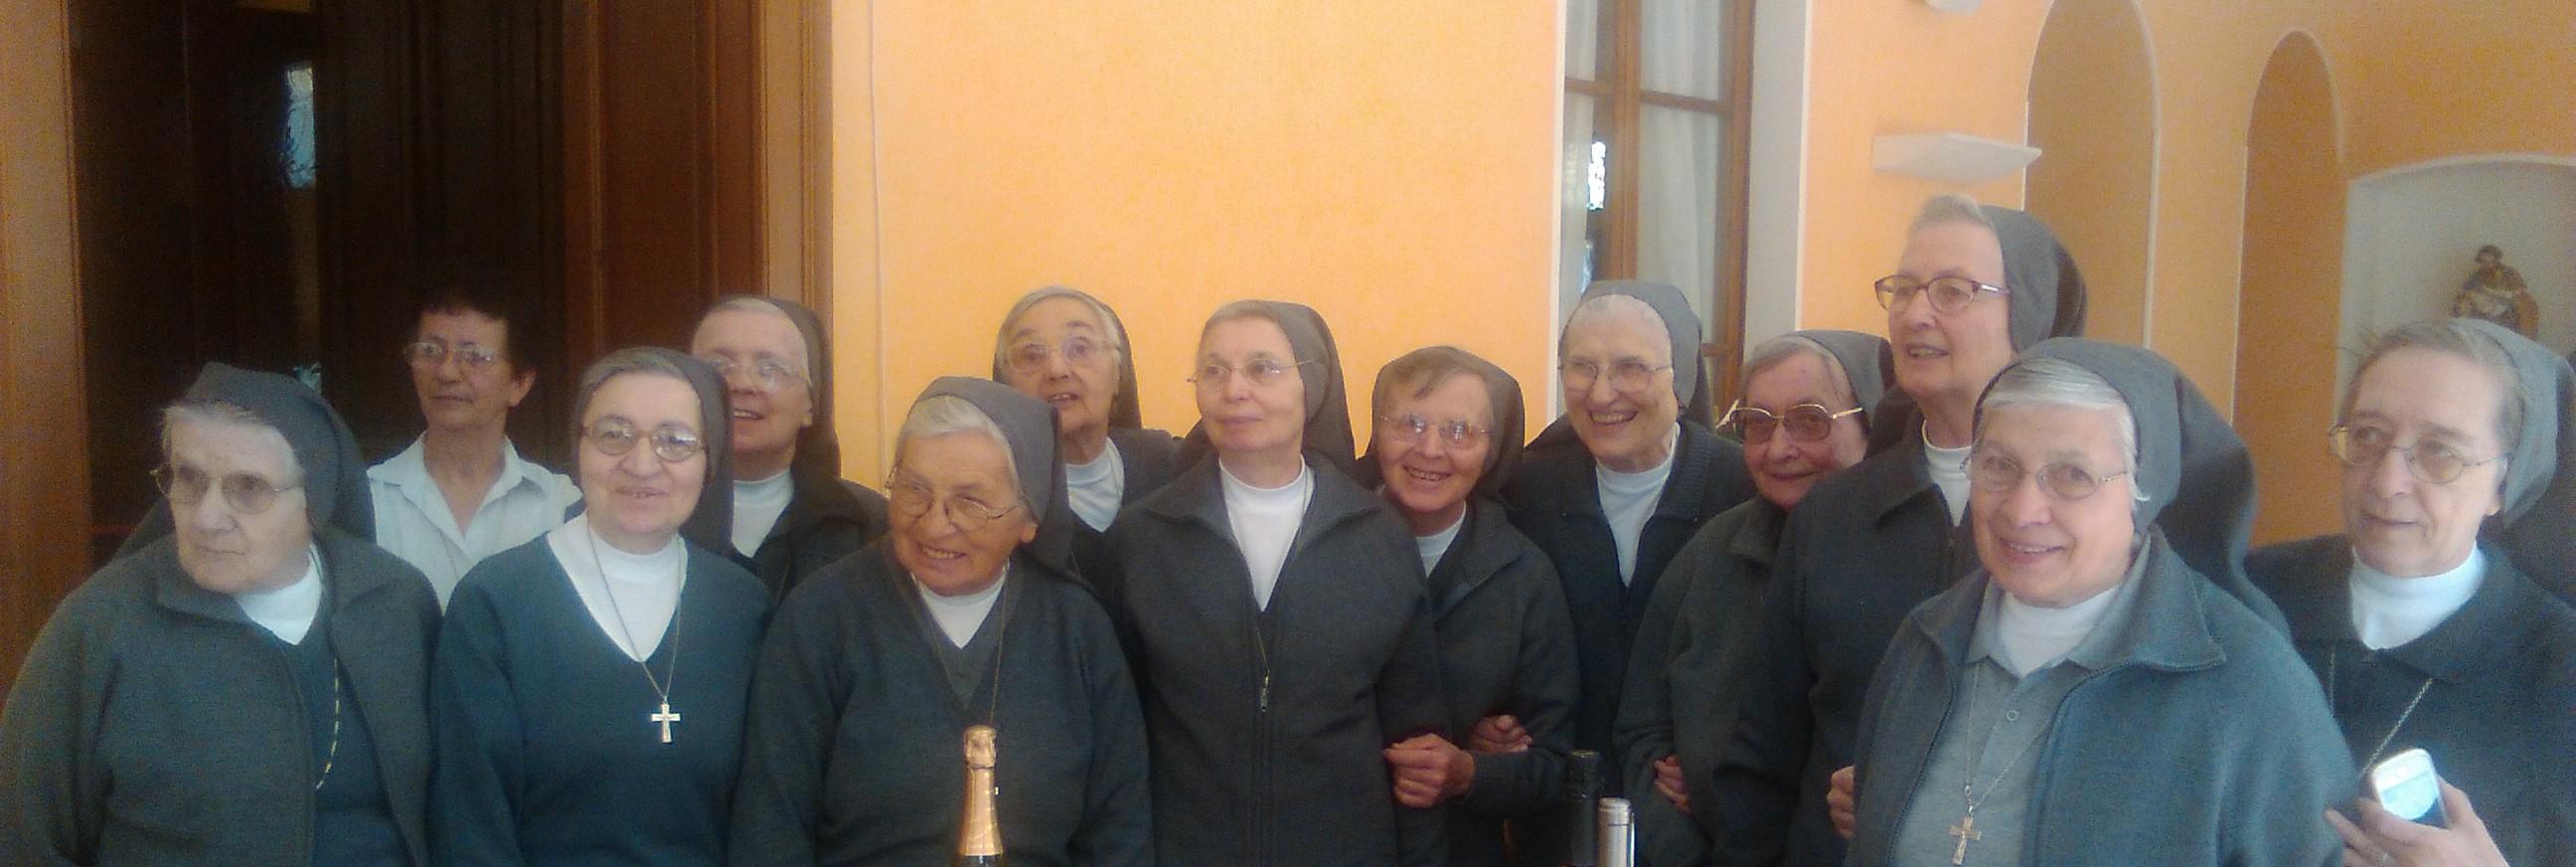 50° e 25° di professione religiosa a Nizza Monferrato